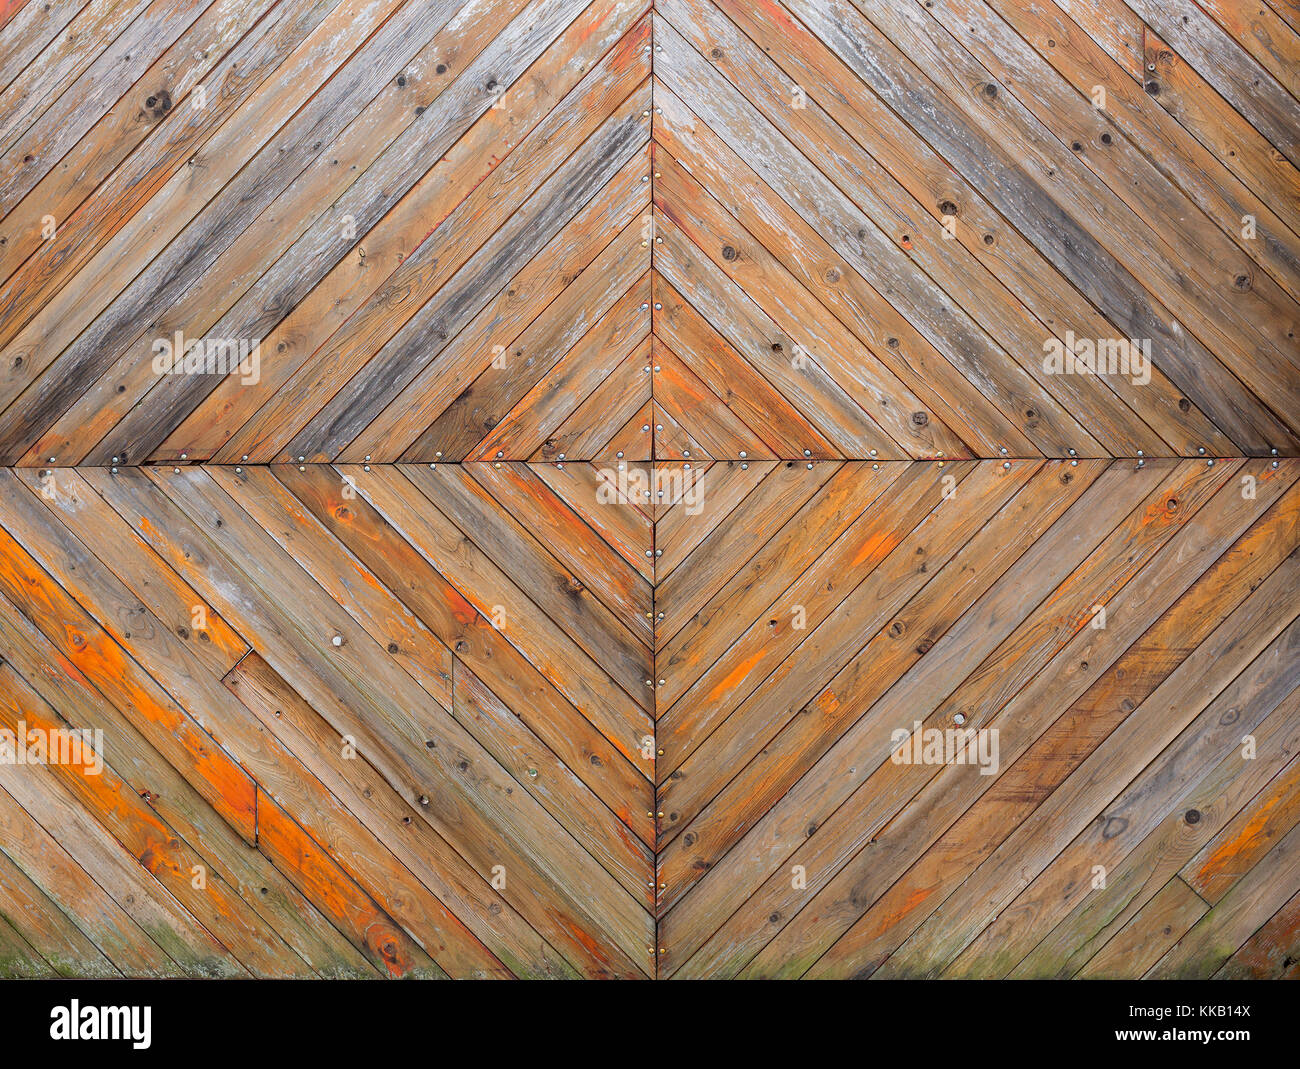 Helles Holz Hintergrund Orange Braun Und Grau Farben Grunge